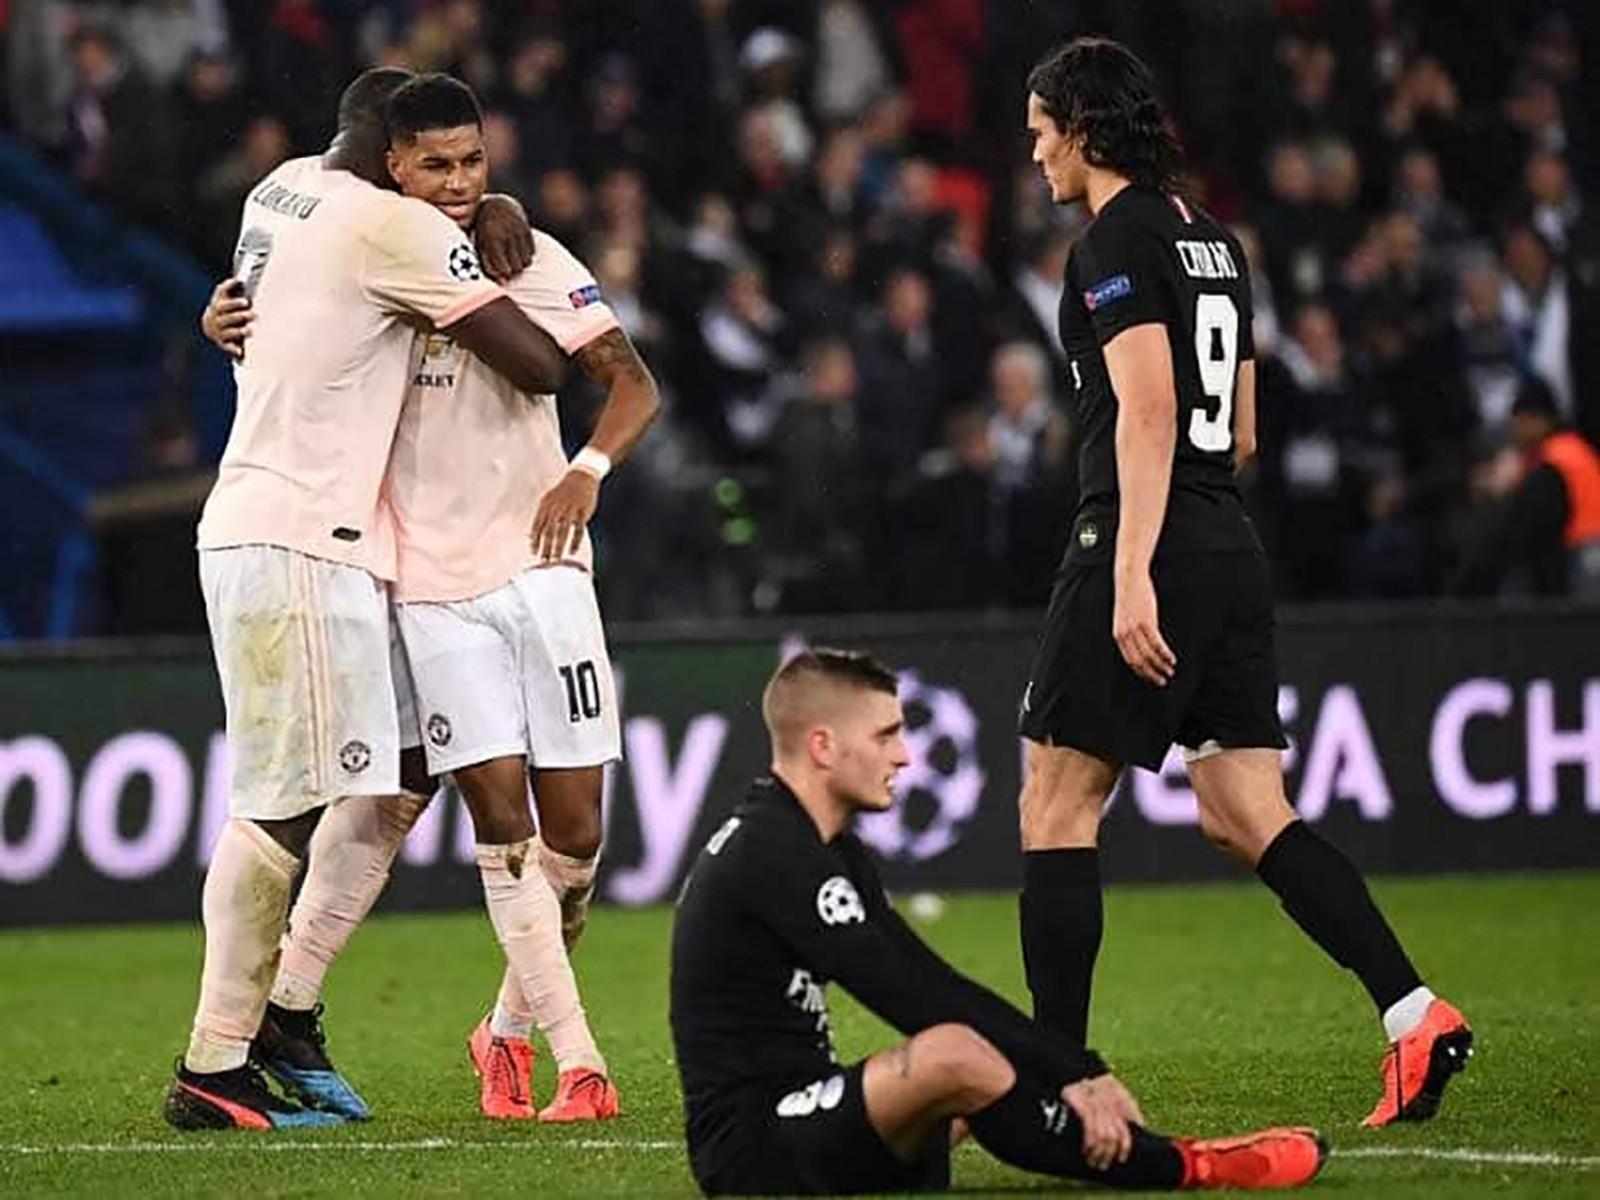 Các cầu thủ PSG (phải) đổ sụp sau khi Marcus Rashford (số 10) ấn định tỷ số 3-1 ở trận lượt về. Ảnh: ESPN